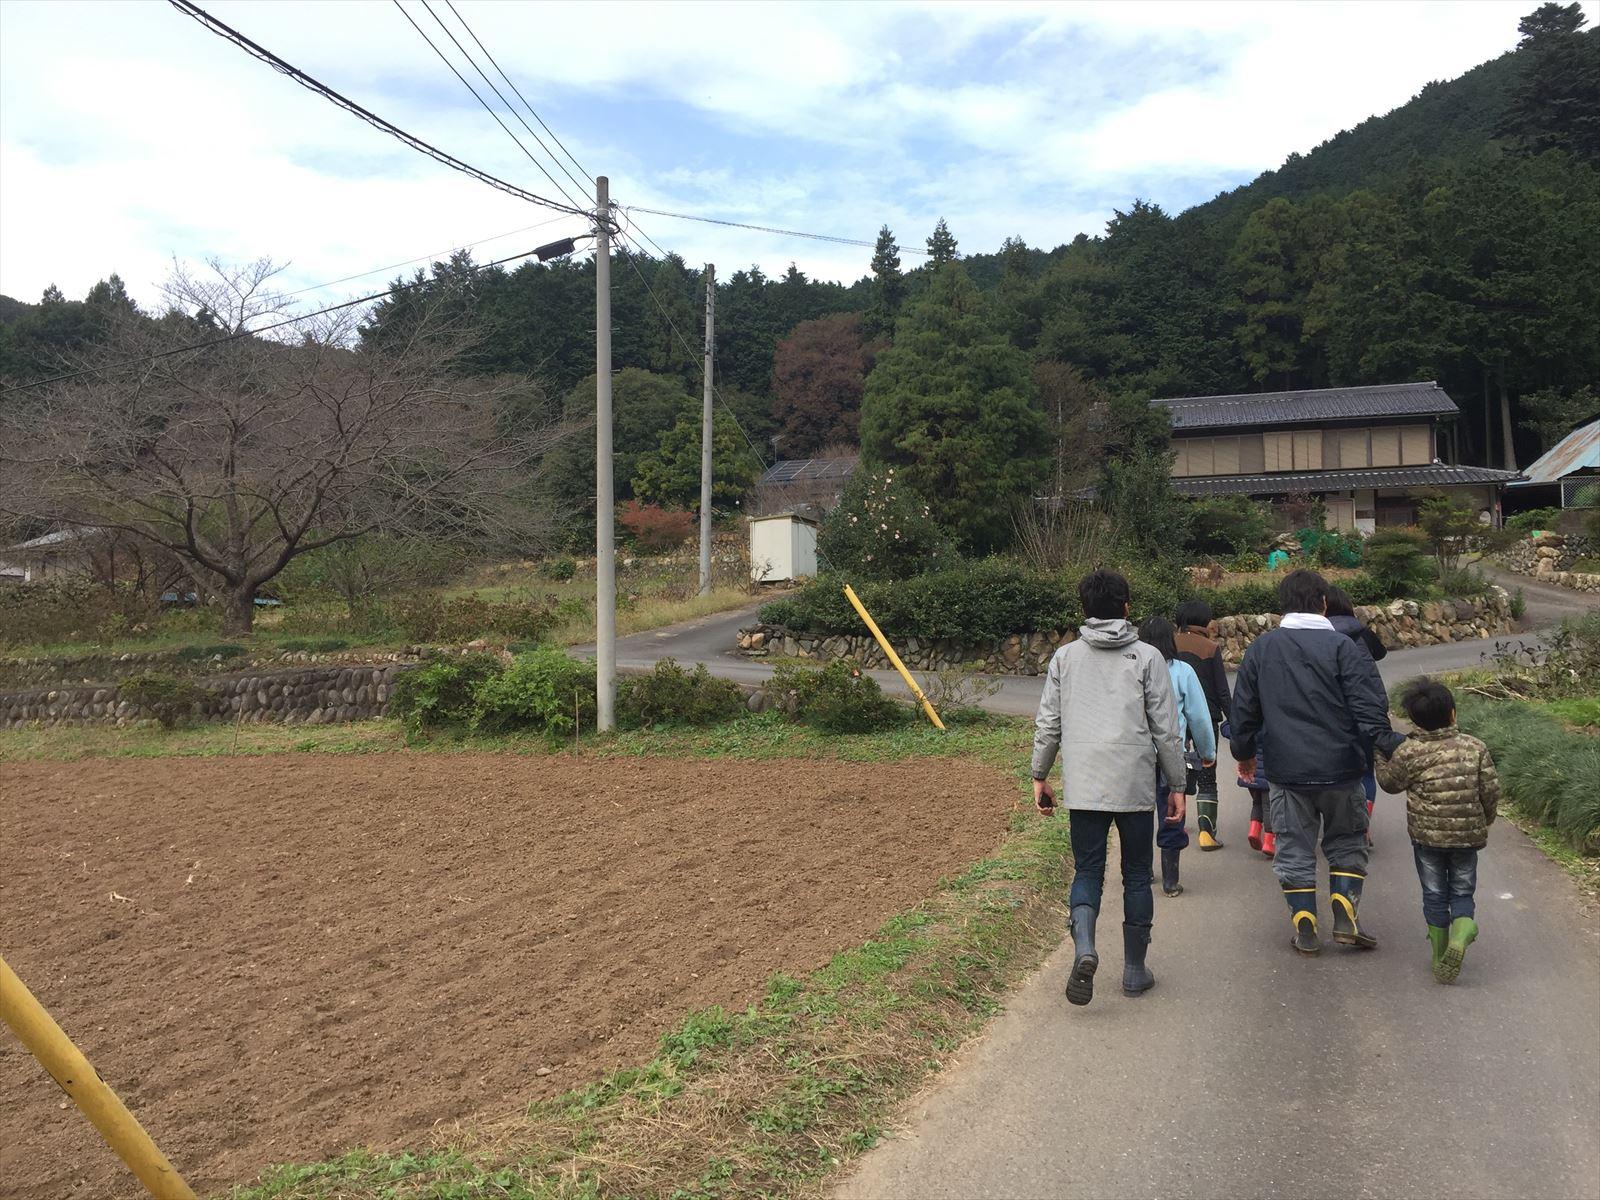 10/30(日)今年最後となる◆小川町里山保全活動「沢掃除」◆参加しました!】